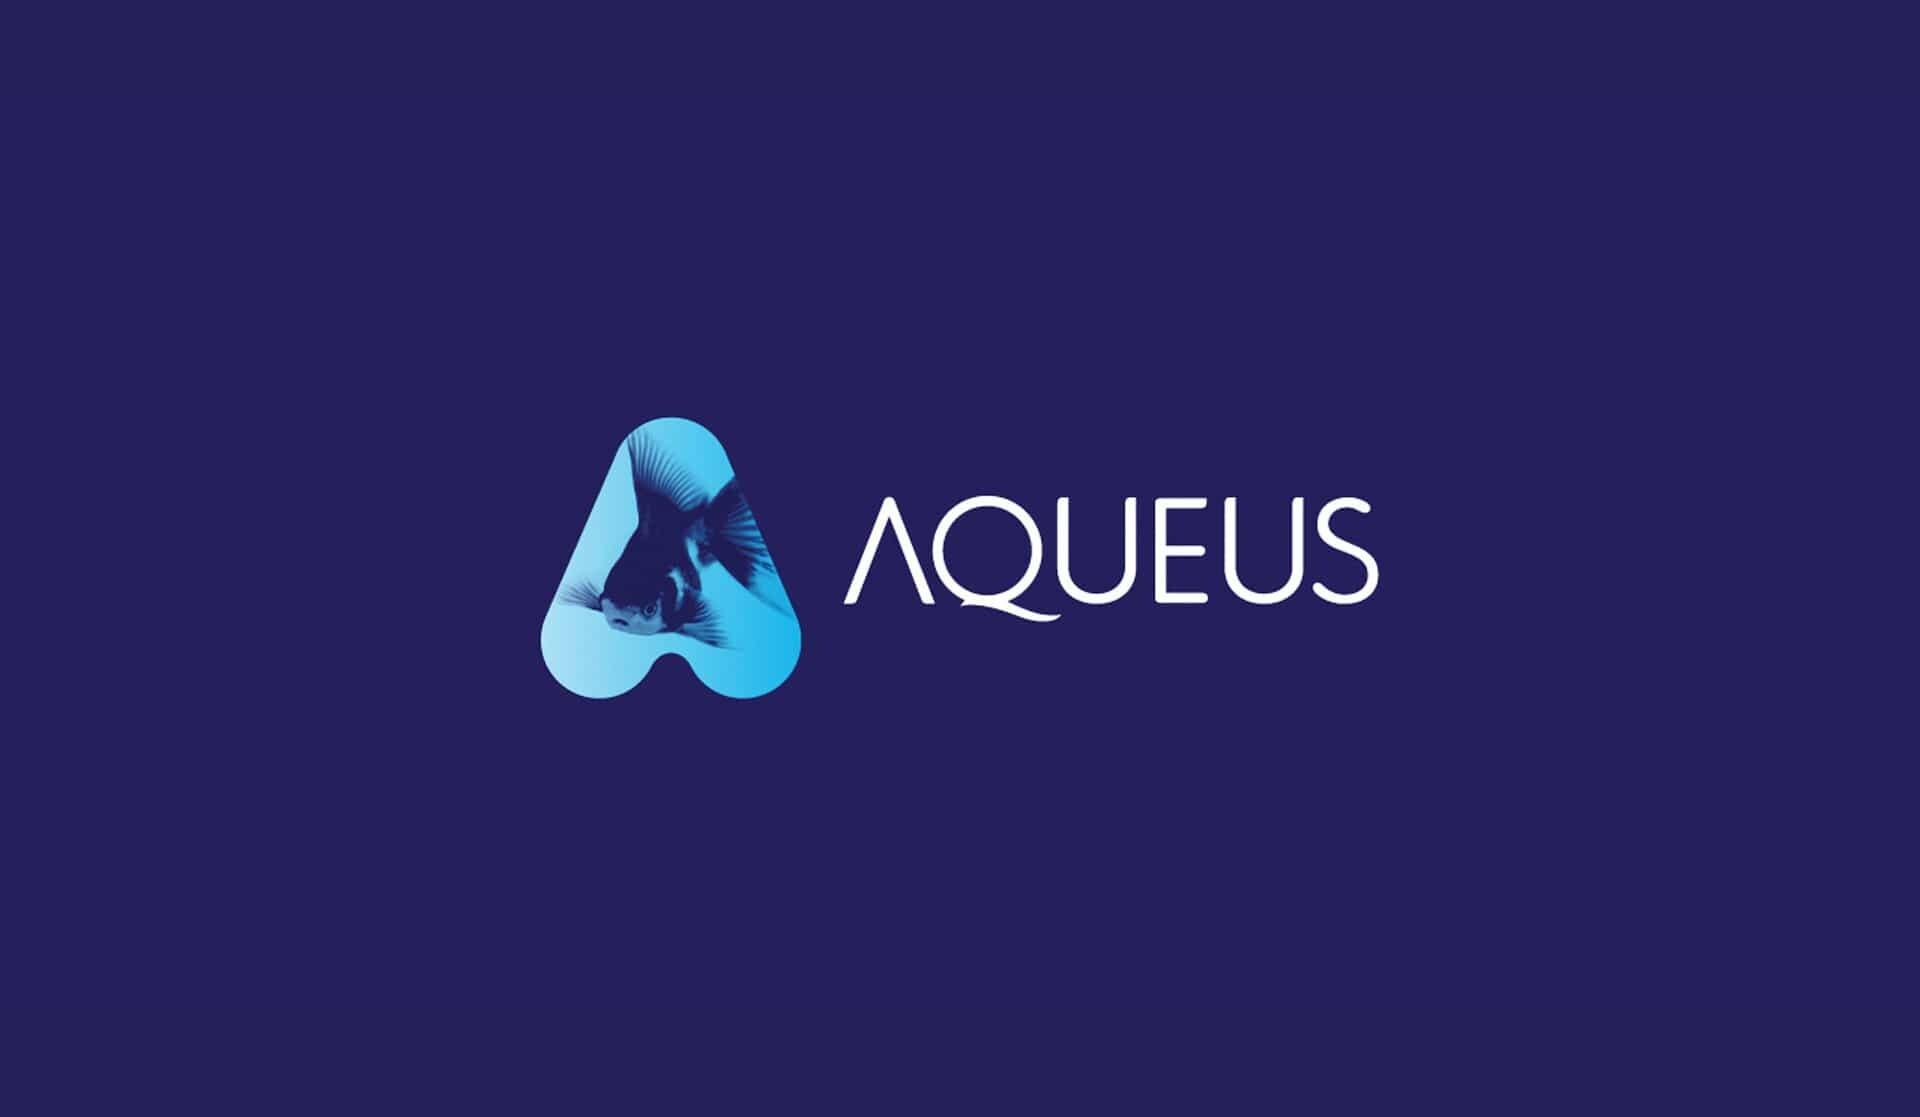 design company sydney melbourne affordable logo designers